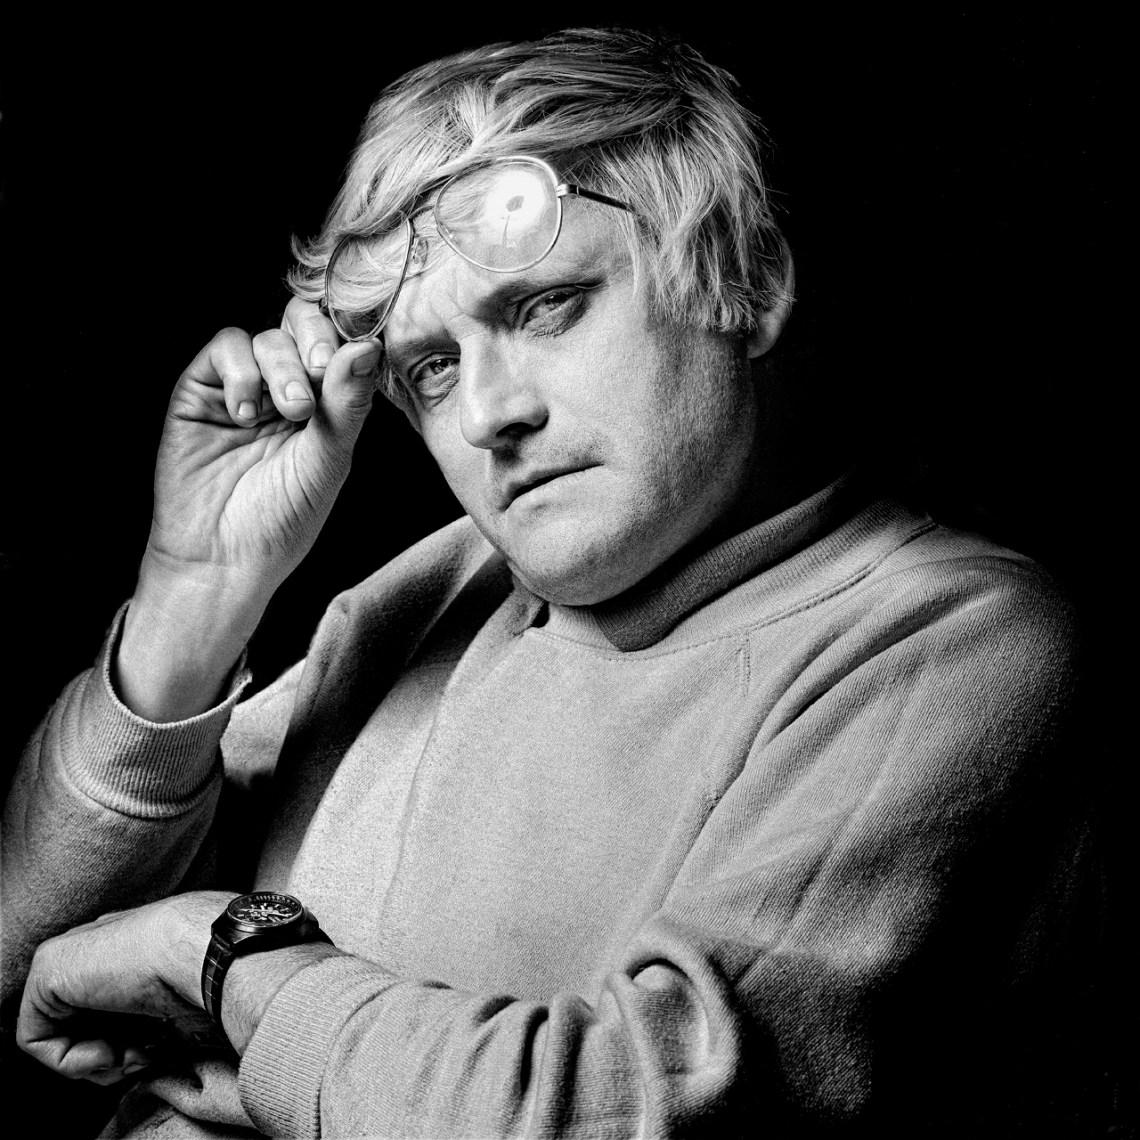 David-Hockney-Glasses-up-Arrowsmith.©.jpg